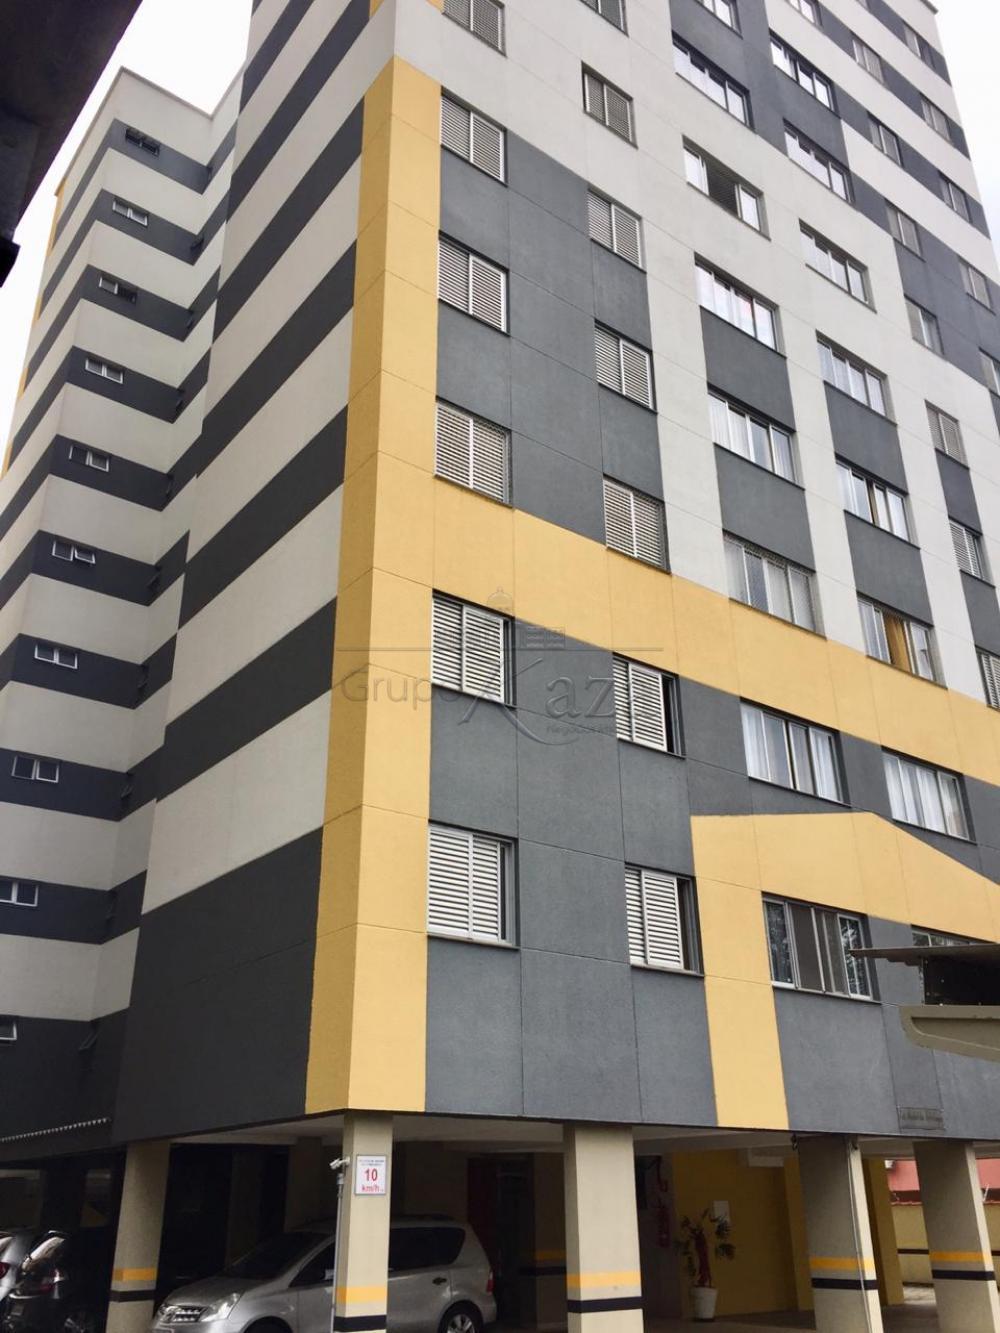 Sao Jose dos Campos Apartamento Venda R$260.000,00 Condominio R$448,00 2 Dormitorios 1 Suite Area construida 62.00m2